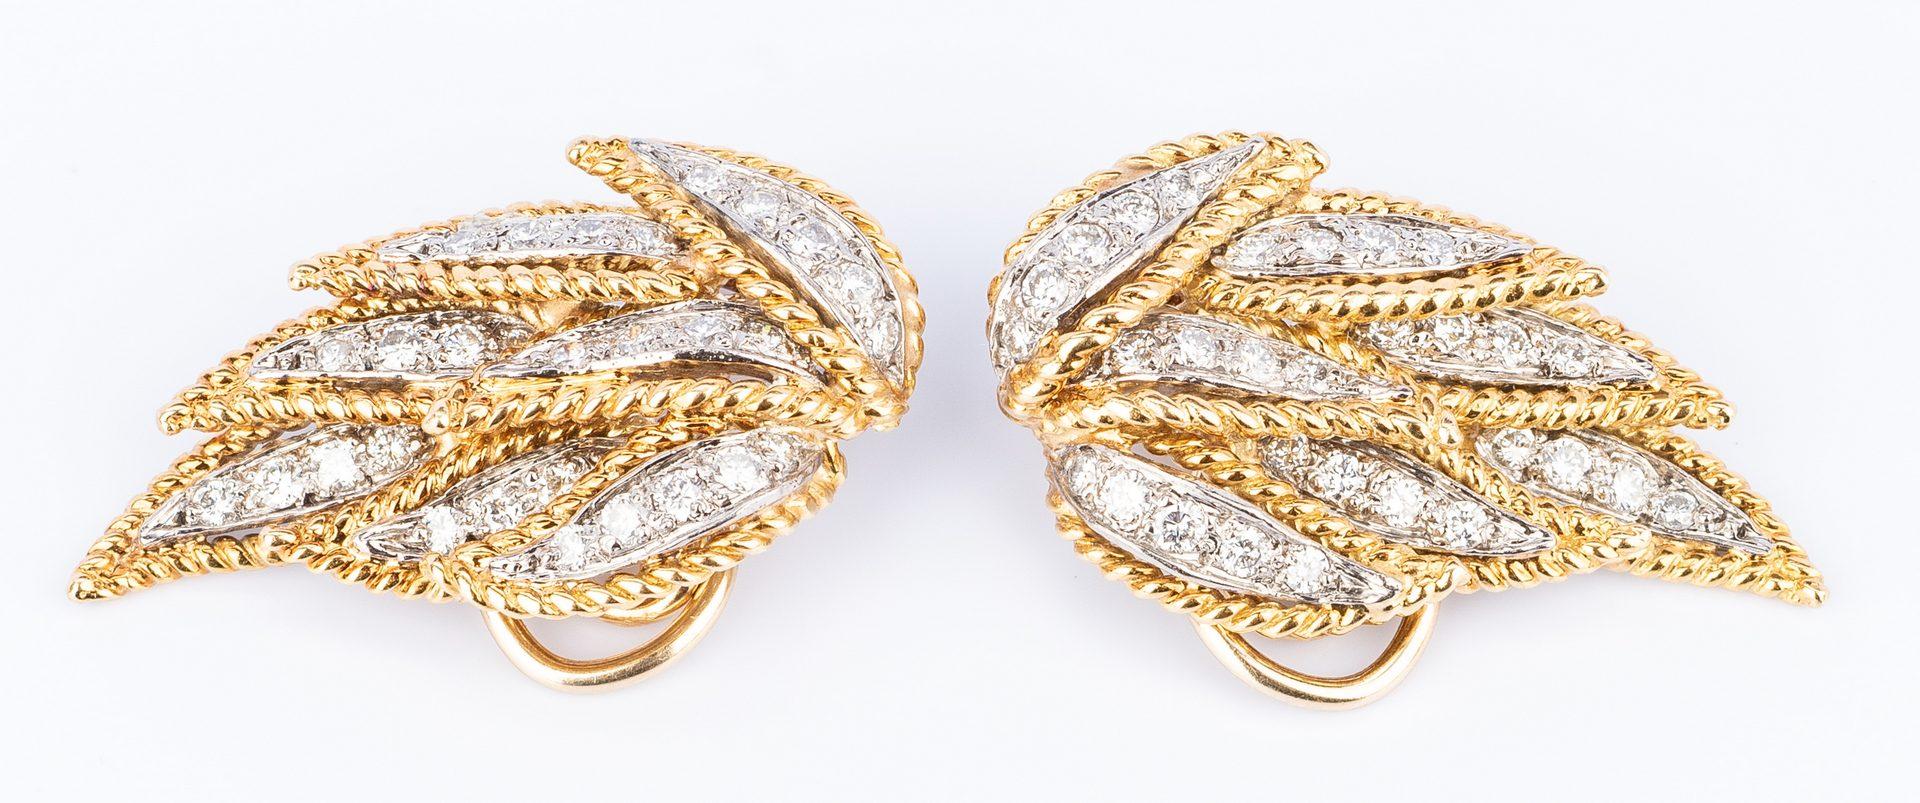 Lot 179: 18K Diamond Petal Earrings in 2 parts